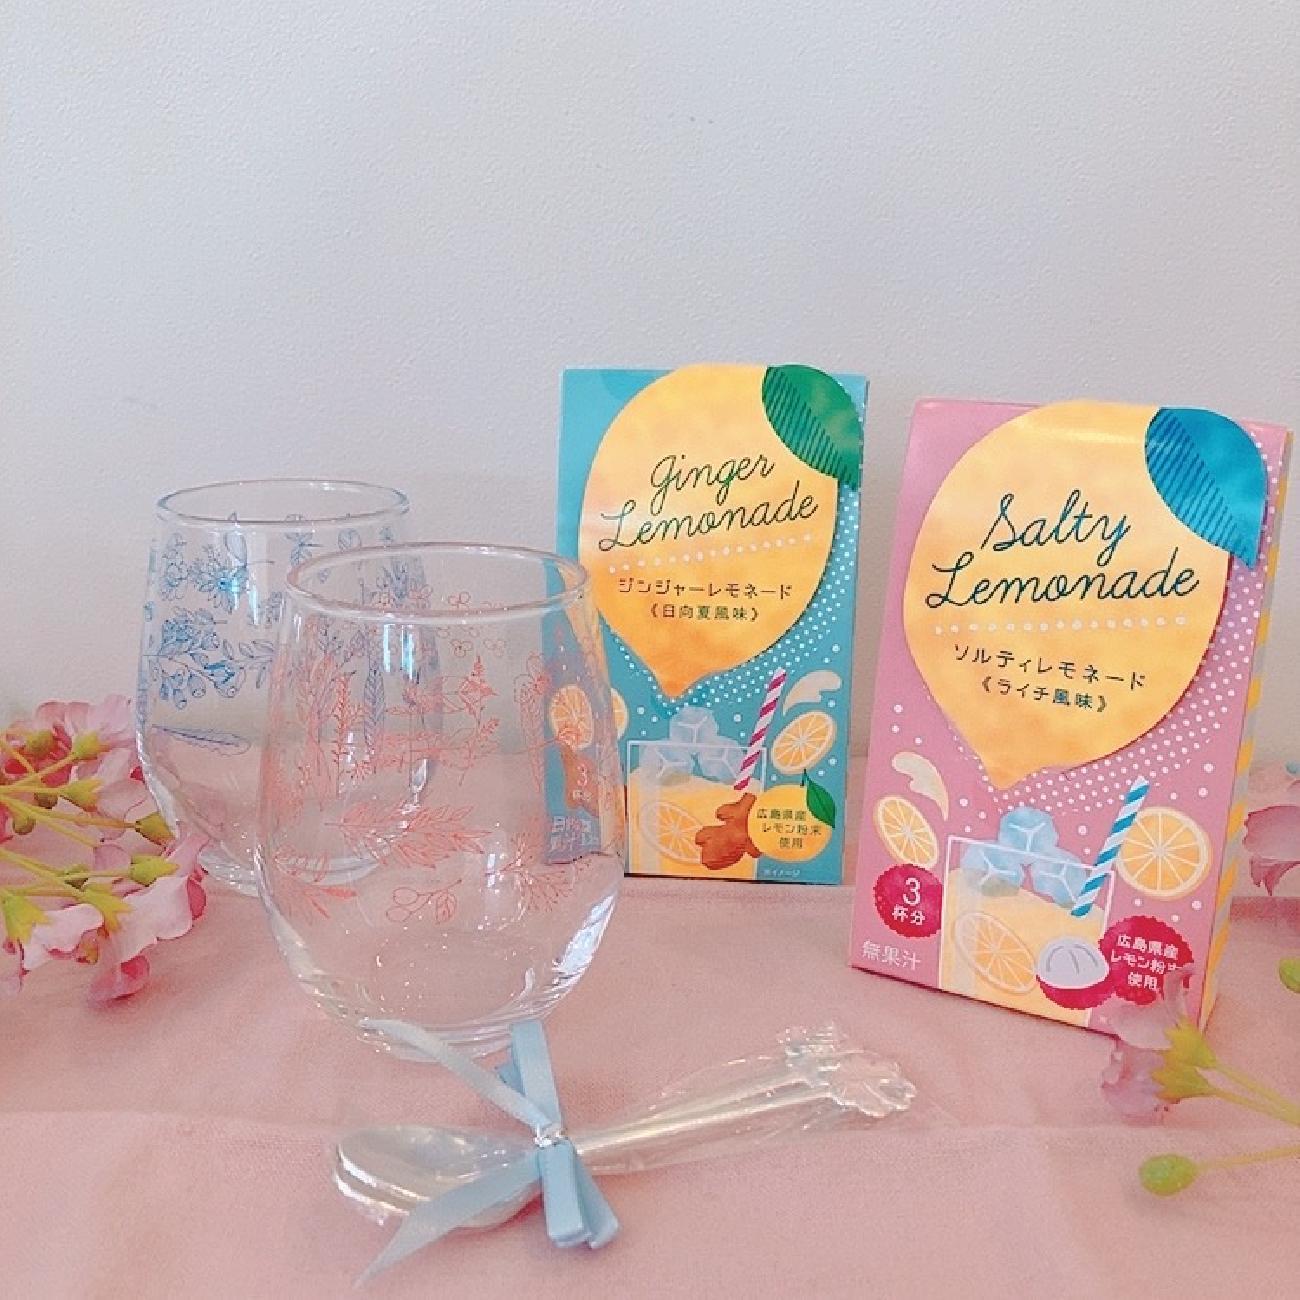 水出し紅茶/紅茶/果物/グラス/可愛い/可愛いグラス/フルーツゼリー/ゼリー